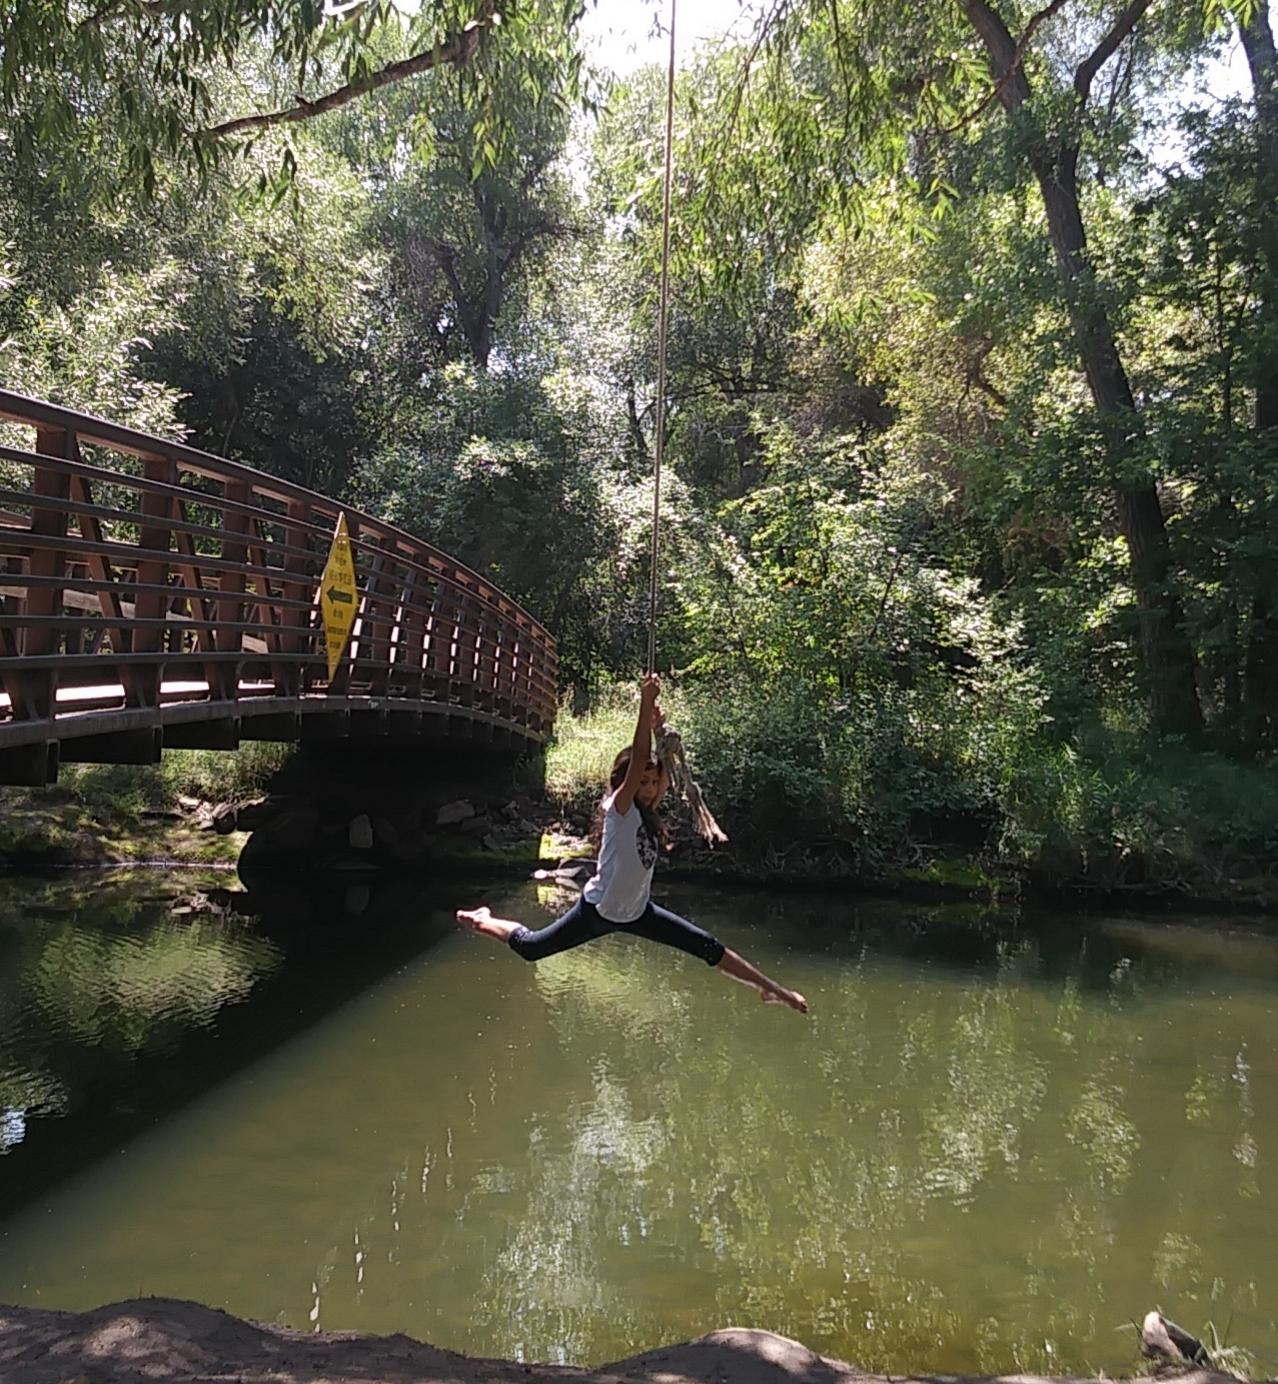 Vanya Paul - Lee Martinez Park